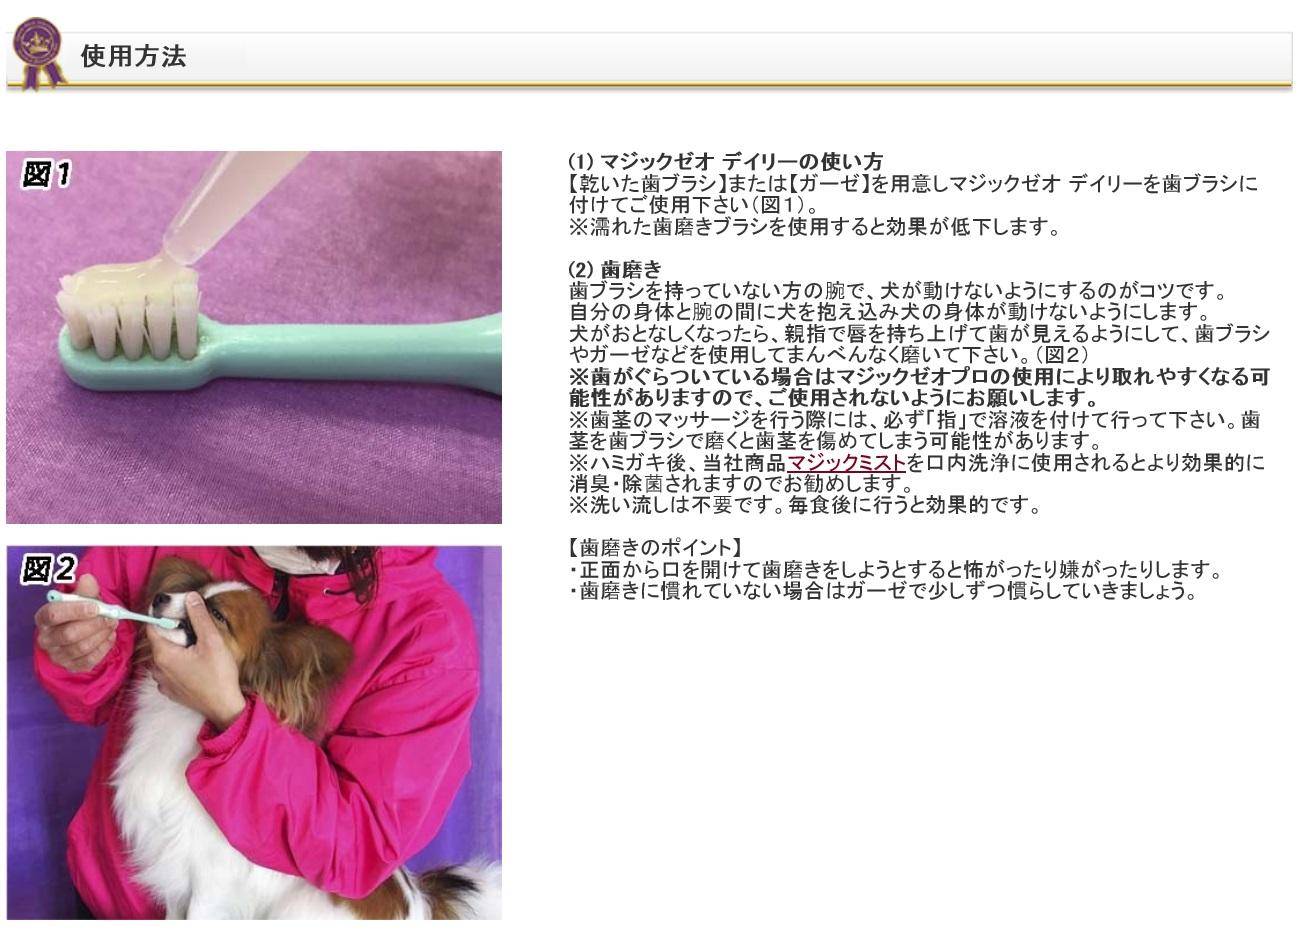 マジックゼオデイリー【犬用歯磨き】ワンちゃん歯磨き